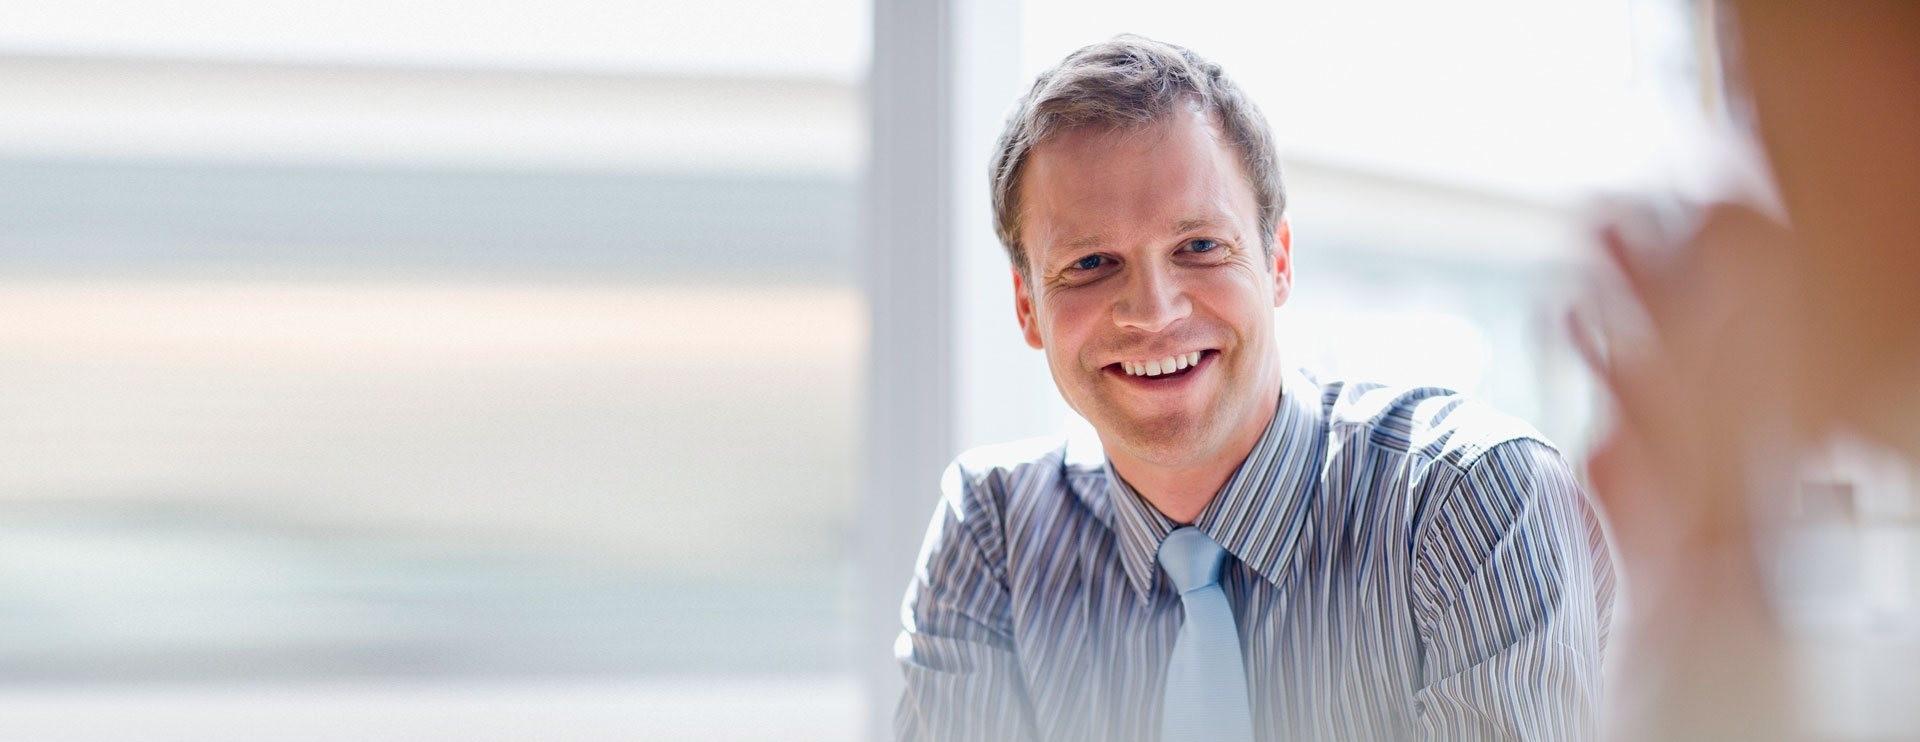 Uomo che sorride durante una riunione